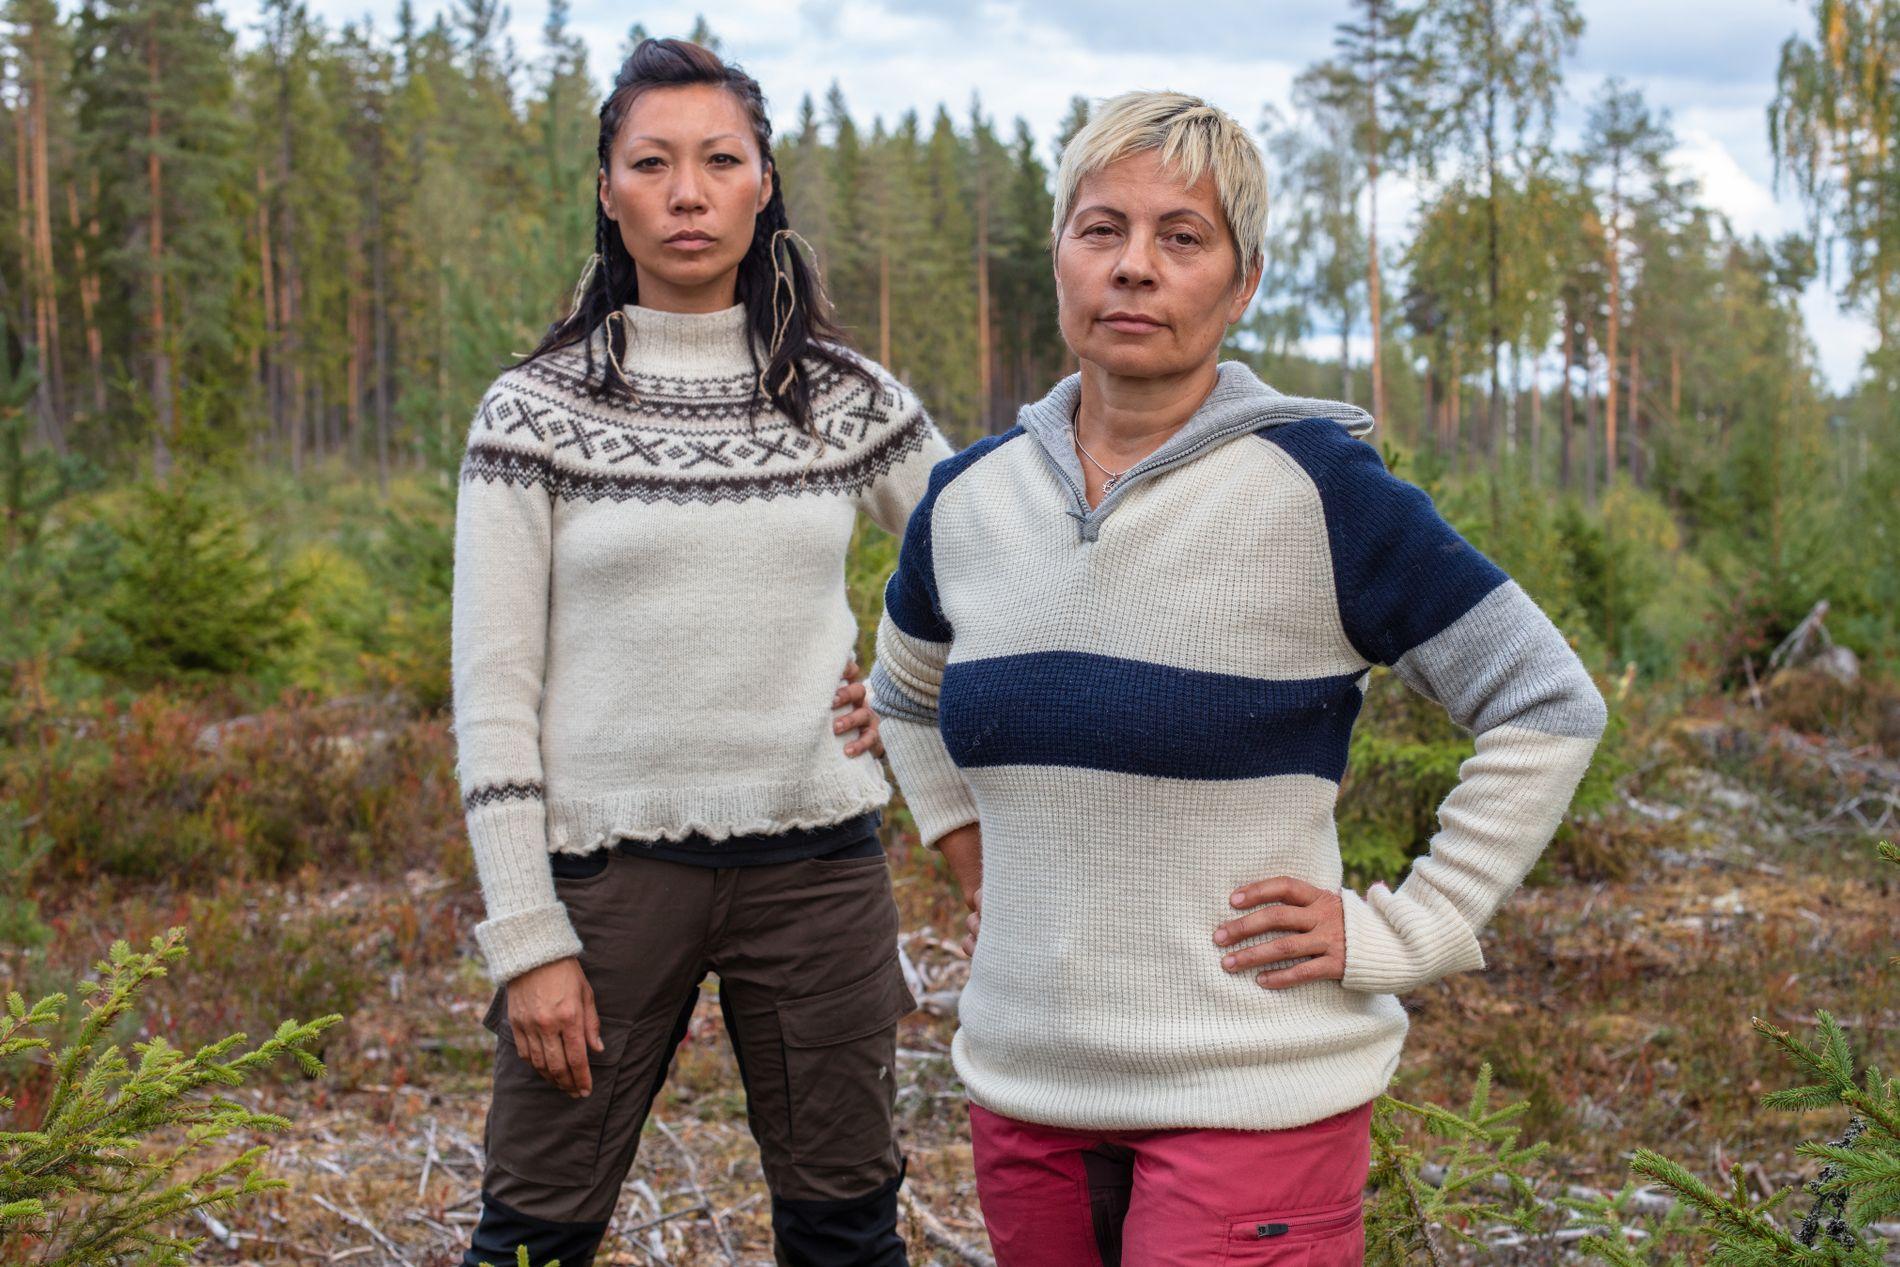 MØTTES I KAMP: Irene og venninnen Sølvi Monsen havnet uklare, og endte opp i tvekamp mot hverandre i forrige uke.